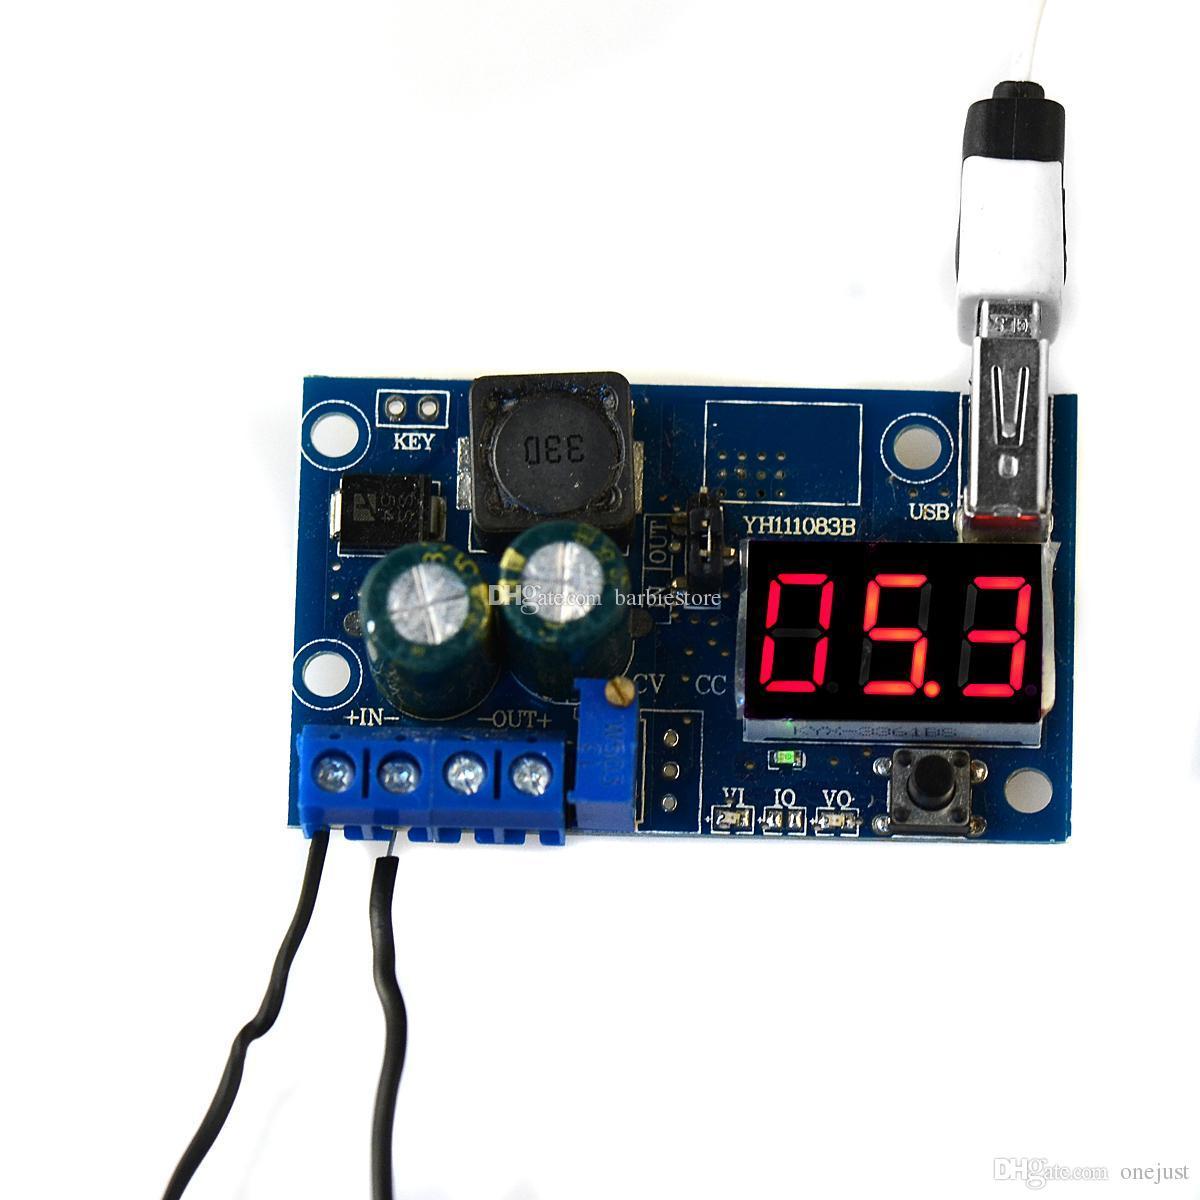 Led Voltmeter Lm2596 Dc Power Supply Adjust Converter Step Down Wiring Diagram Of Module Usb B00295 Osth Blue Leddigital Voltage Regulators Online